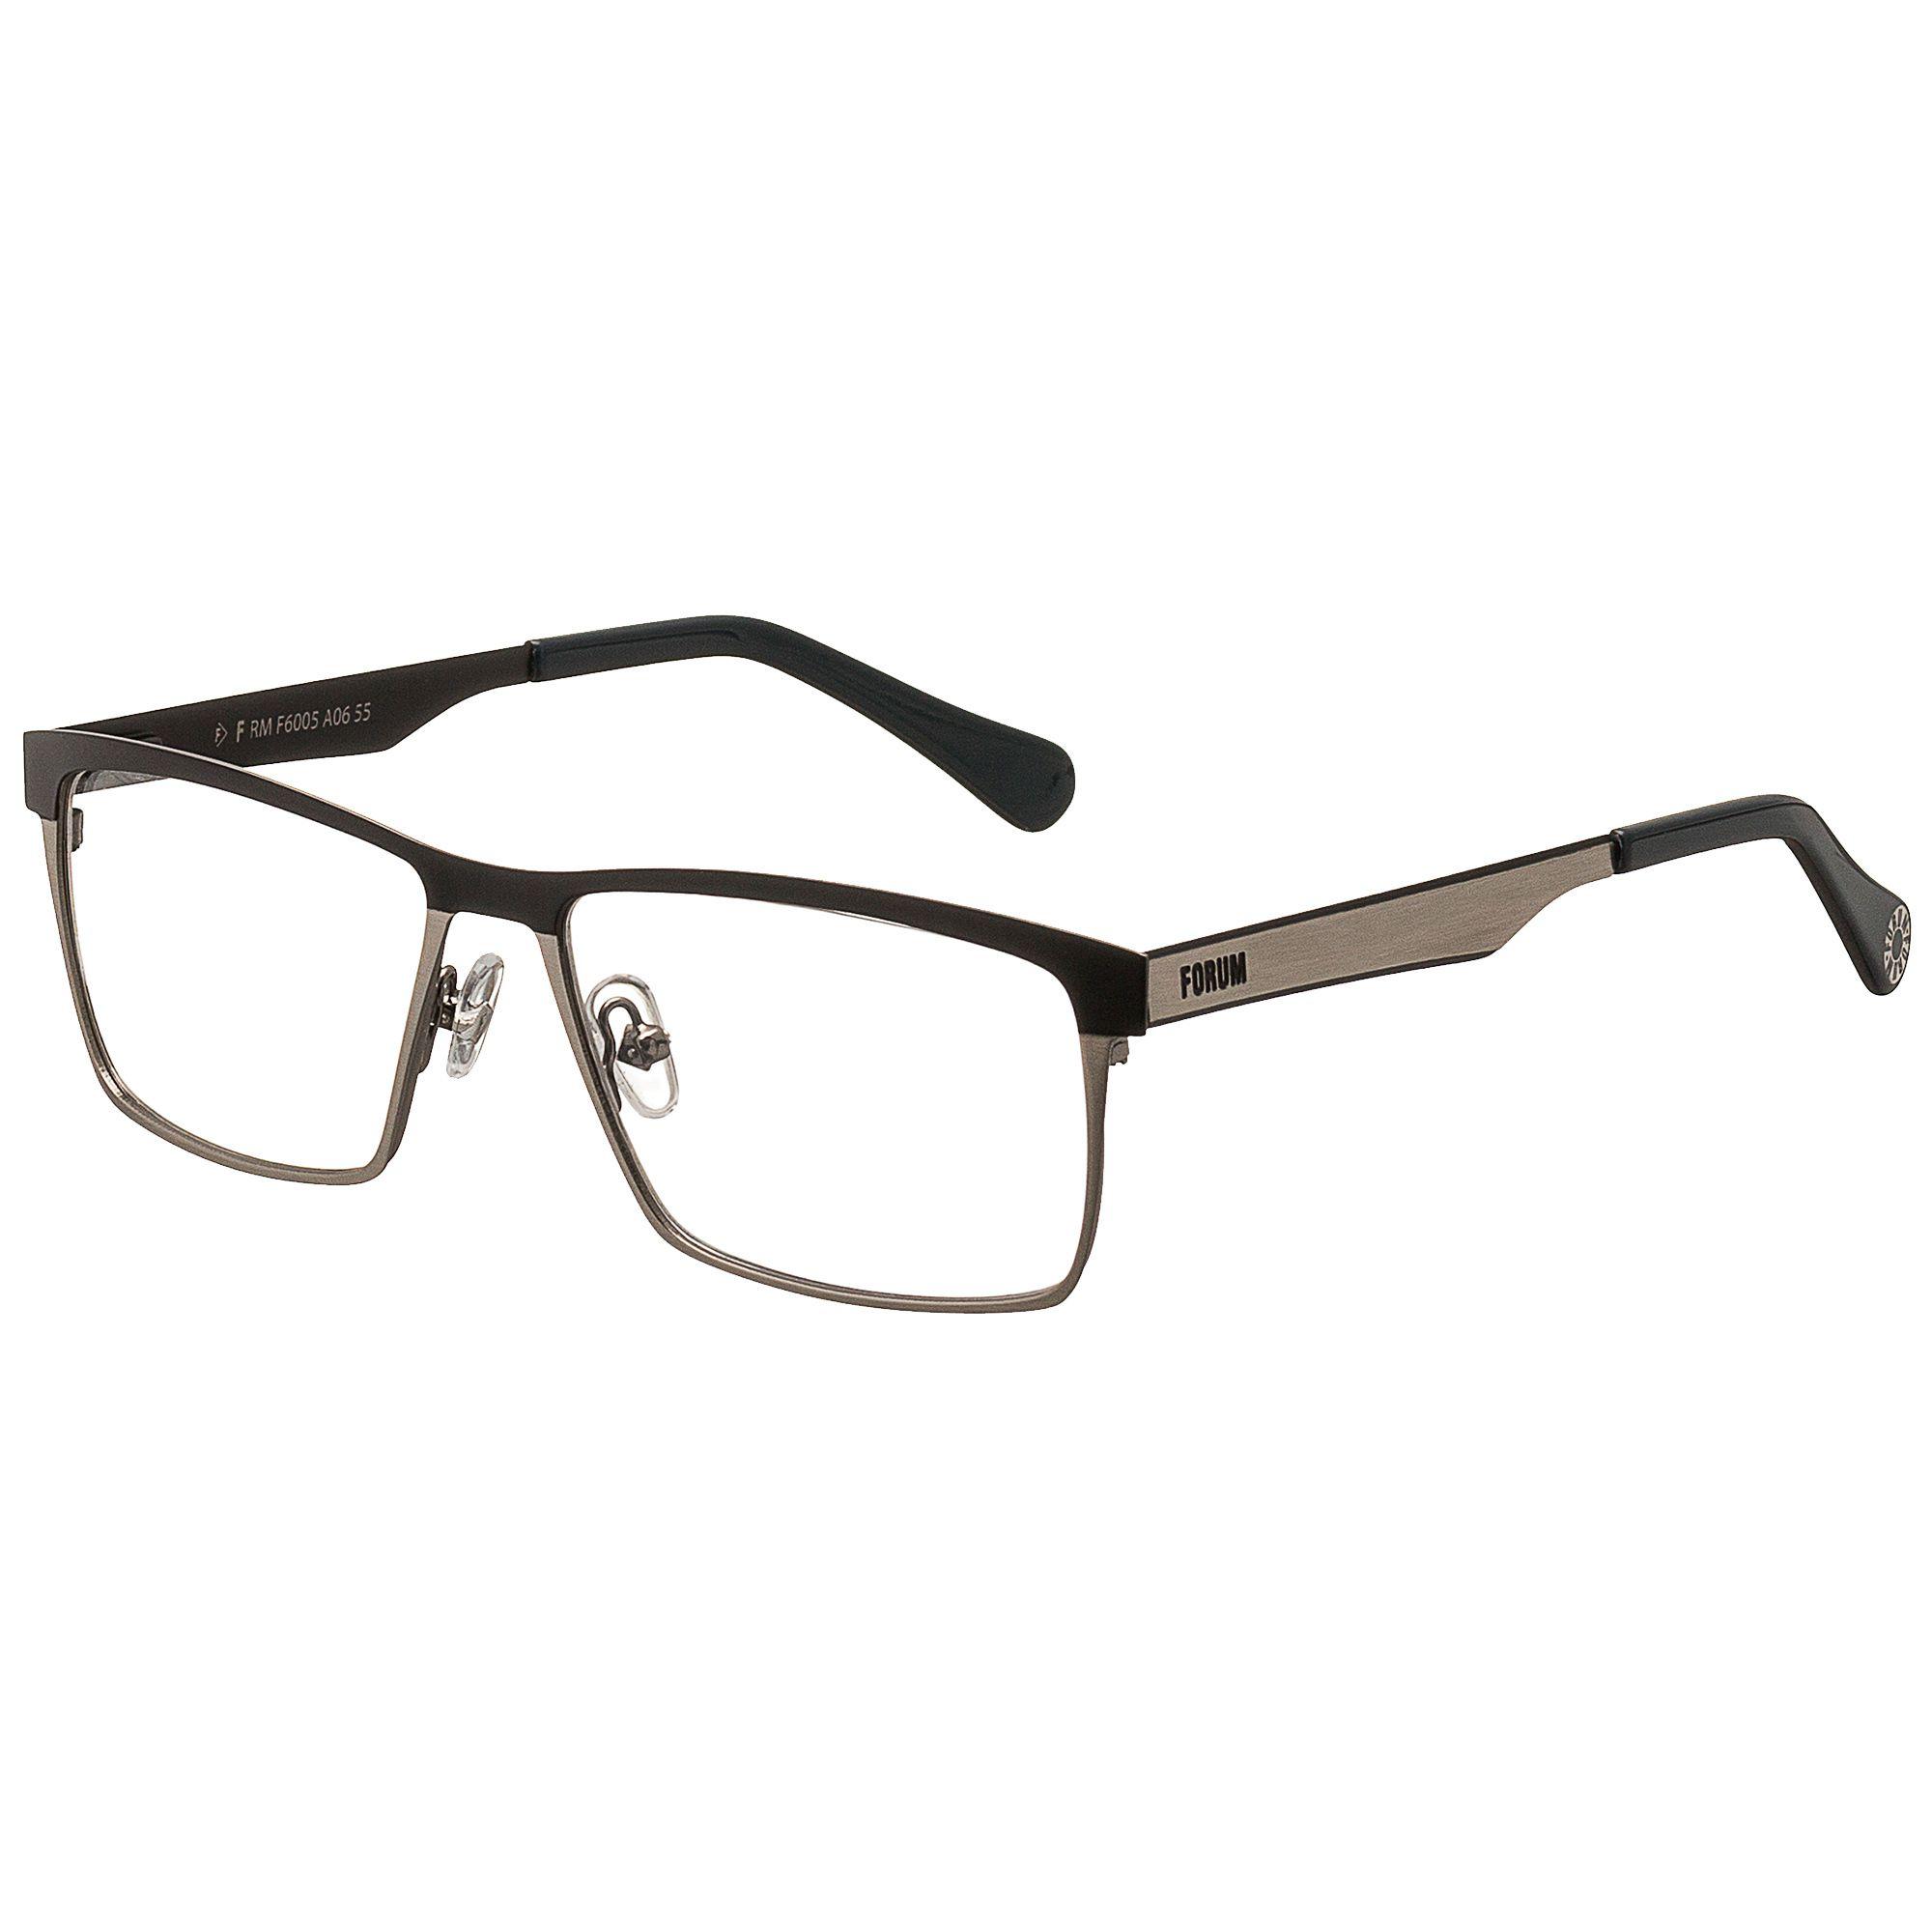 Óculos de Grau Unissex Fórum F6005A0655